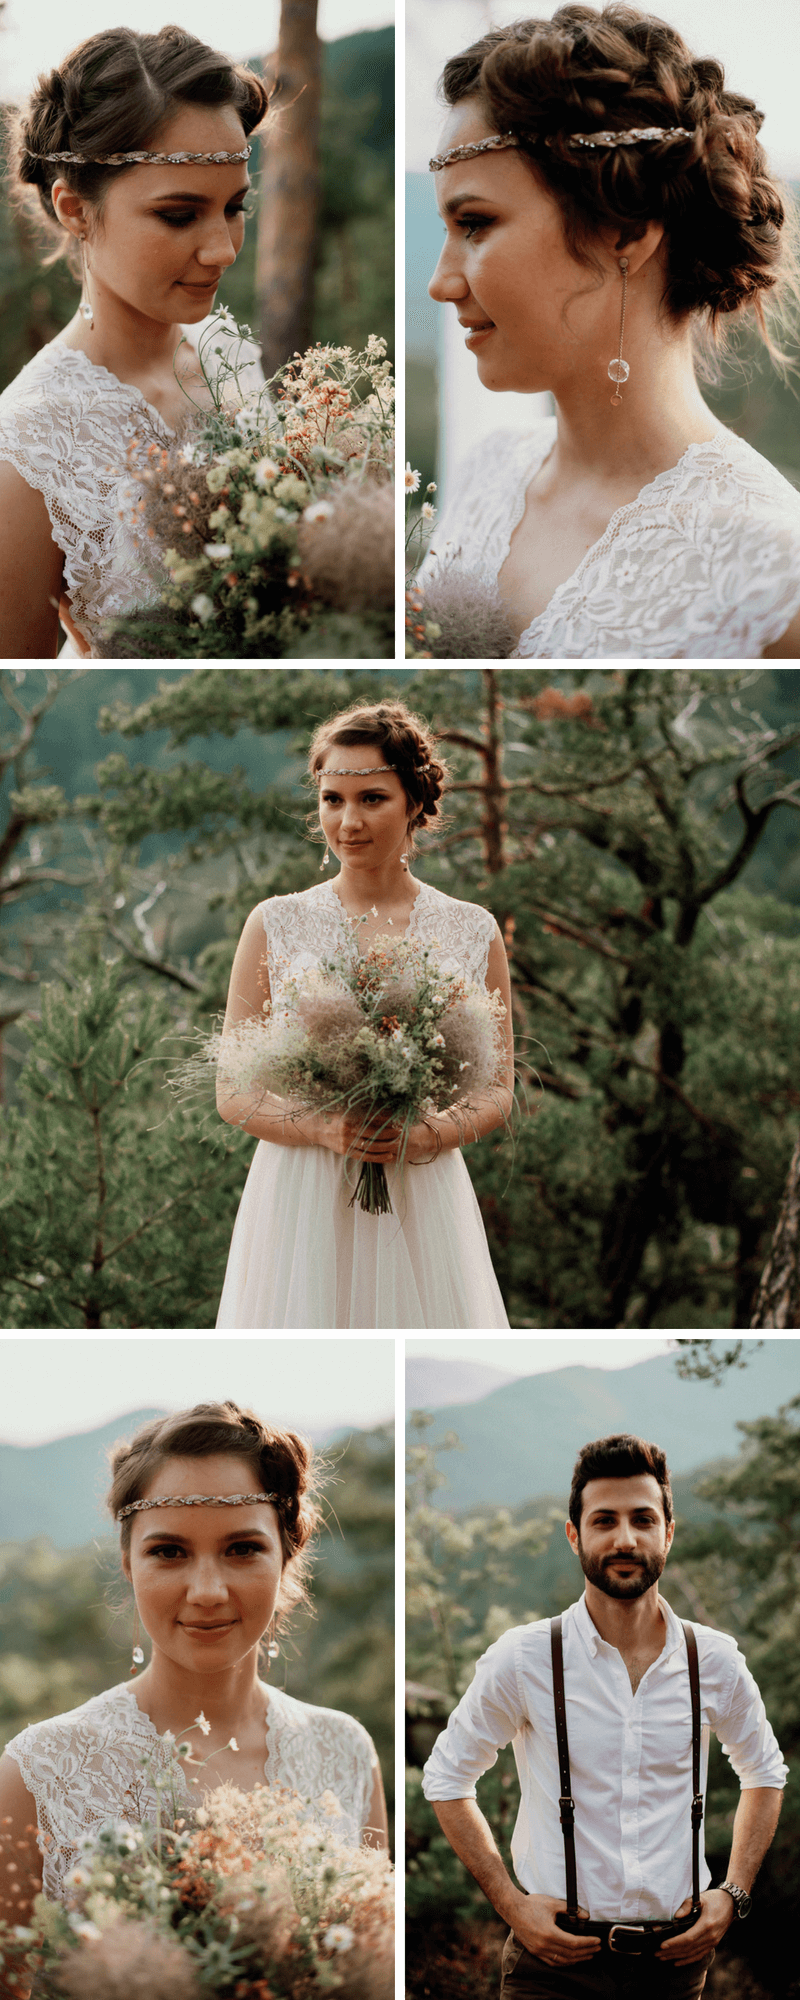 Waldhochzeit, Boho Hochzeit, Hochzeit im Wald